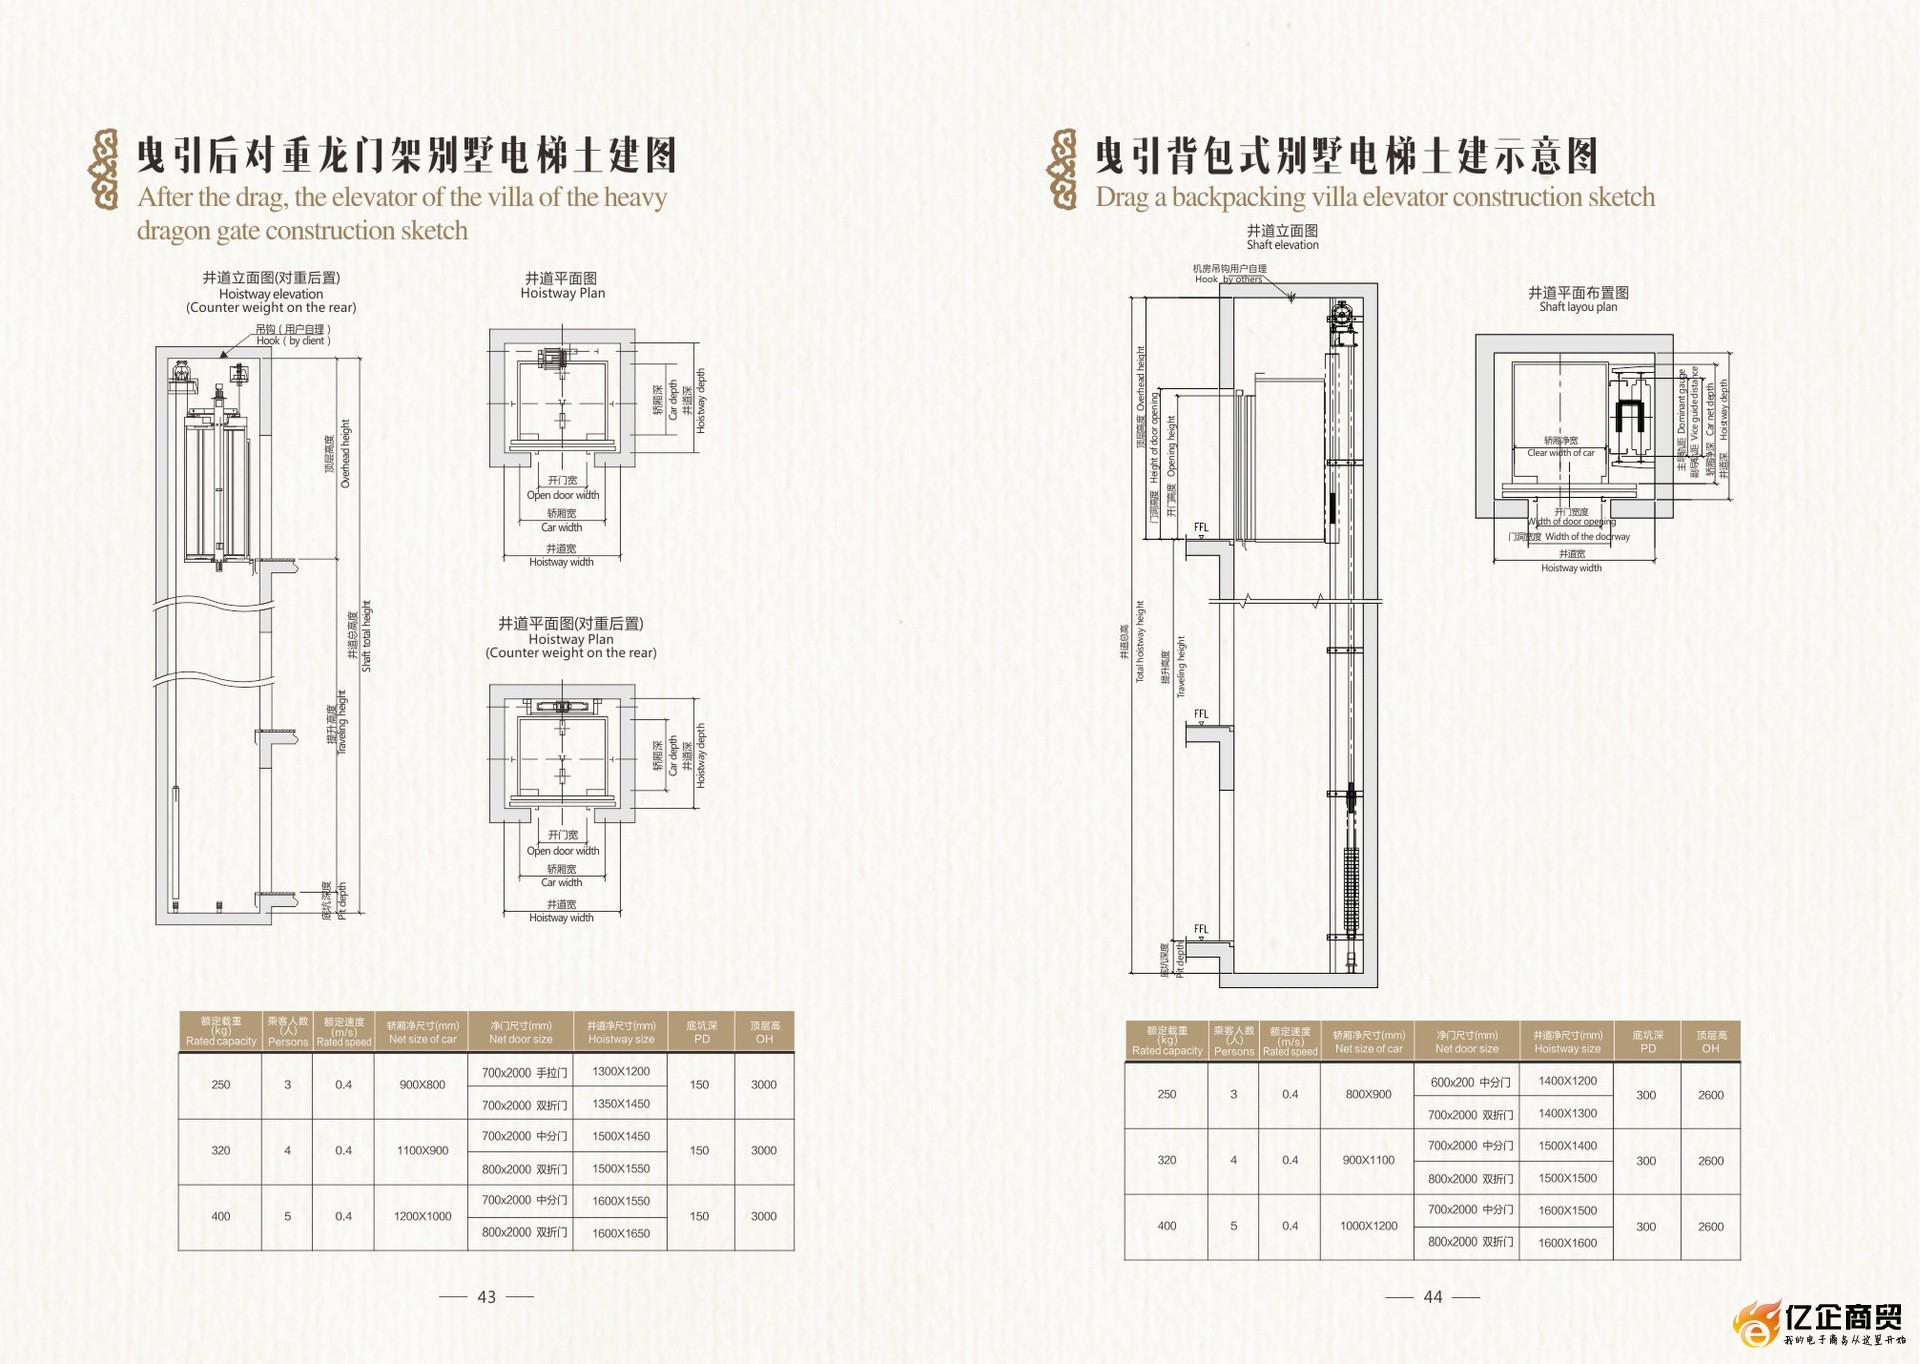 别墅电梯 小型家用电梯 厂家直销 加装电梯 曳引